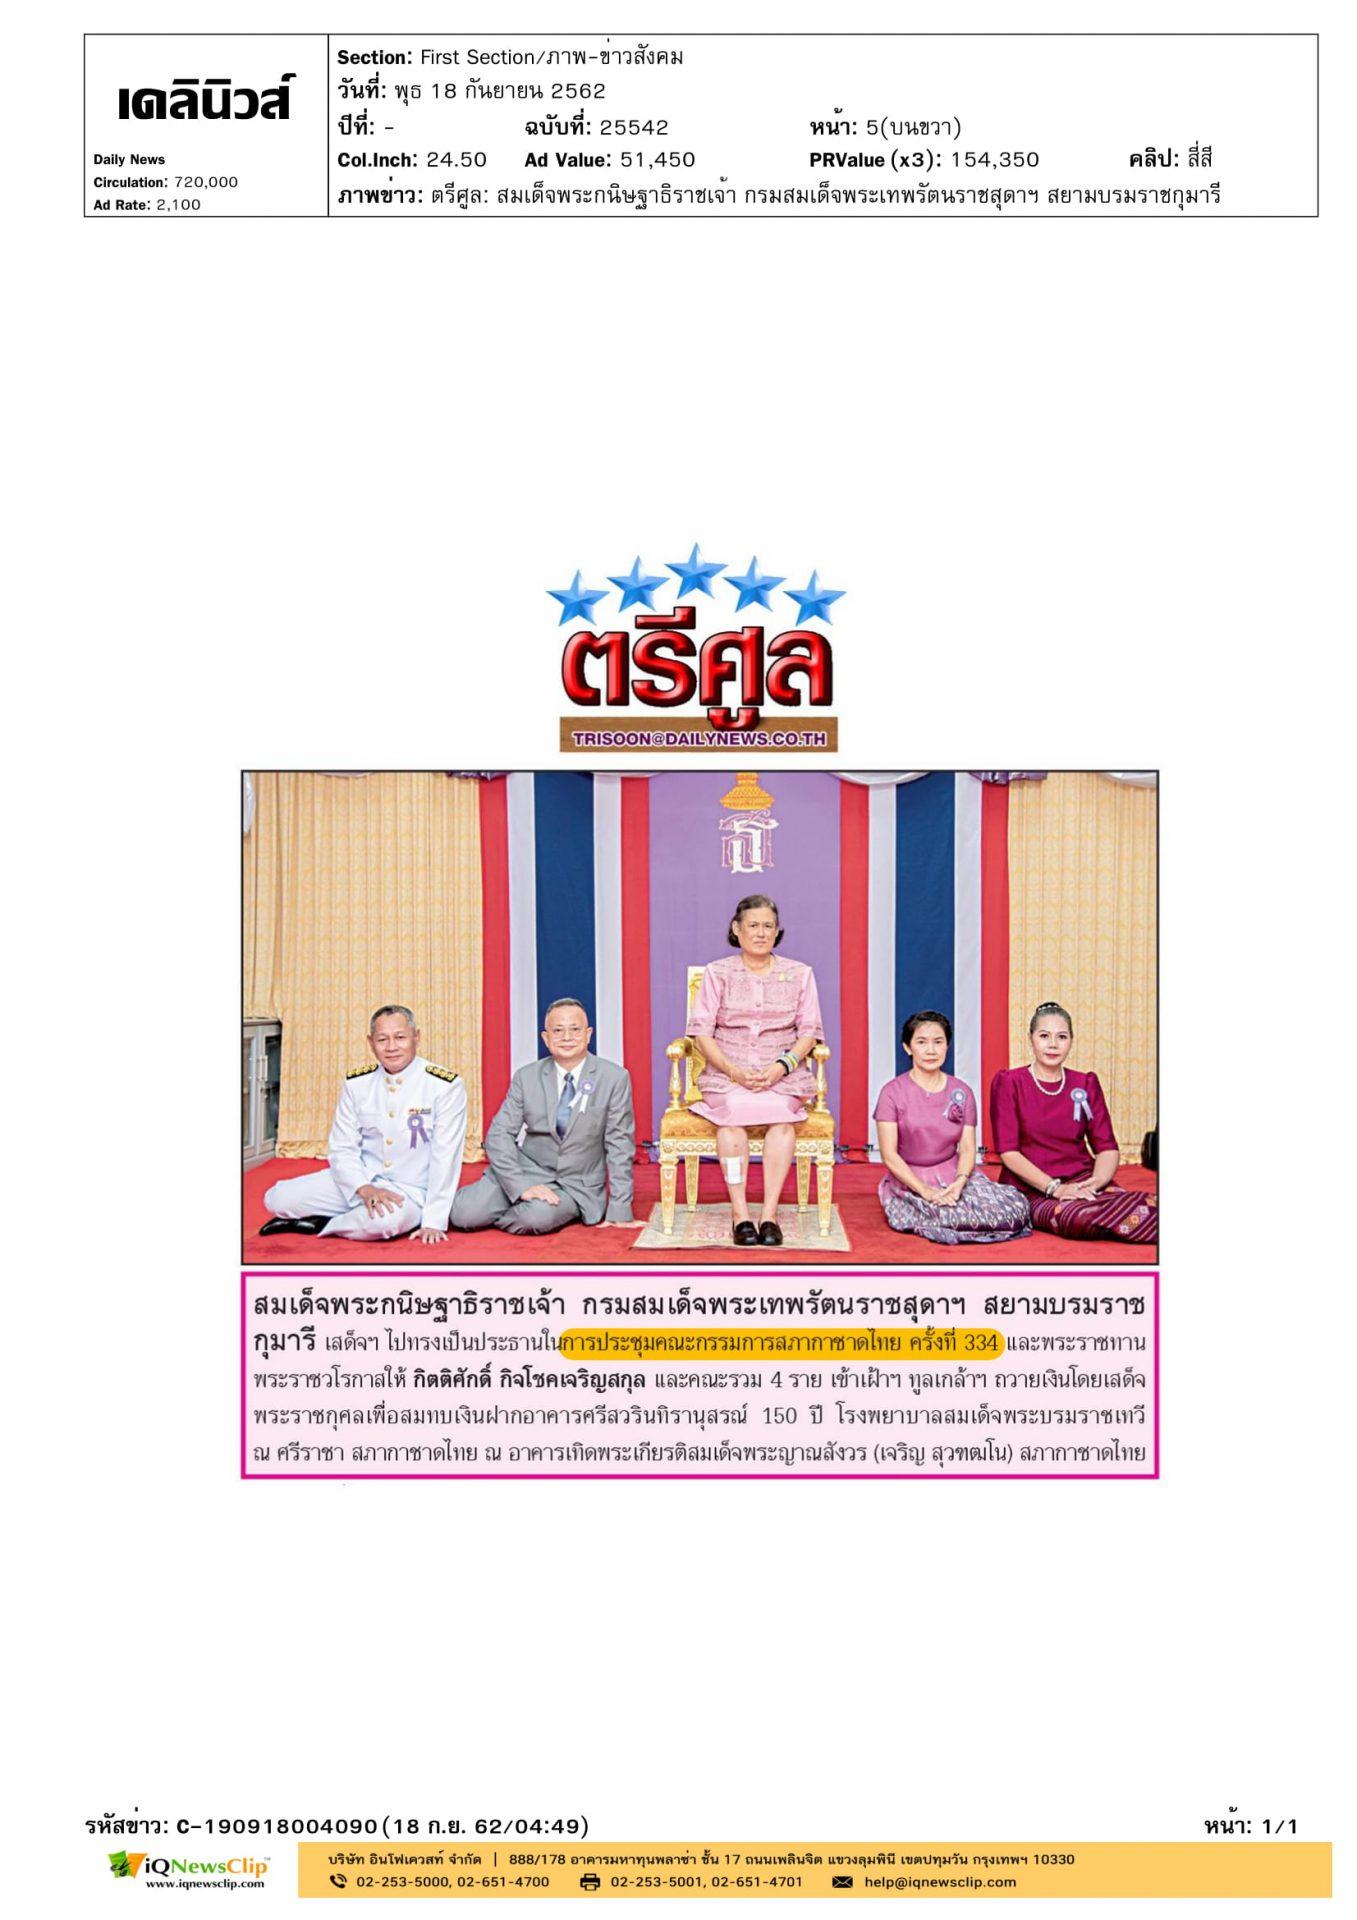 การประชุมคณะกรรมการสภากาชาดไทย ครั้งที่ 334